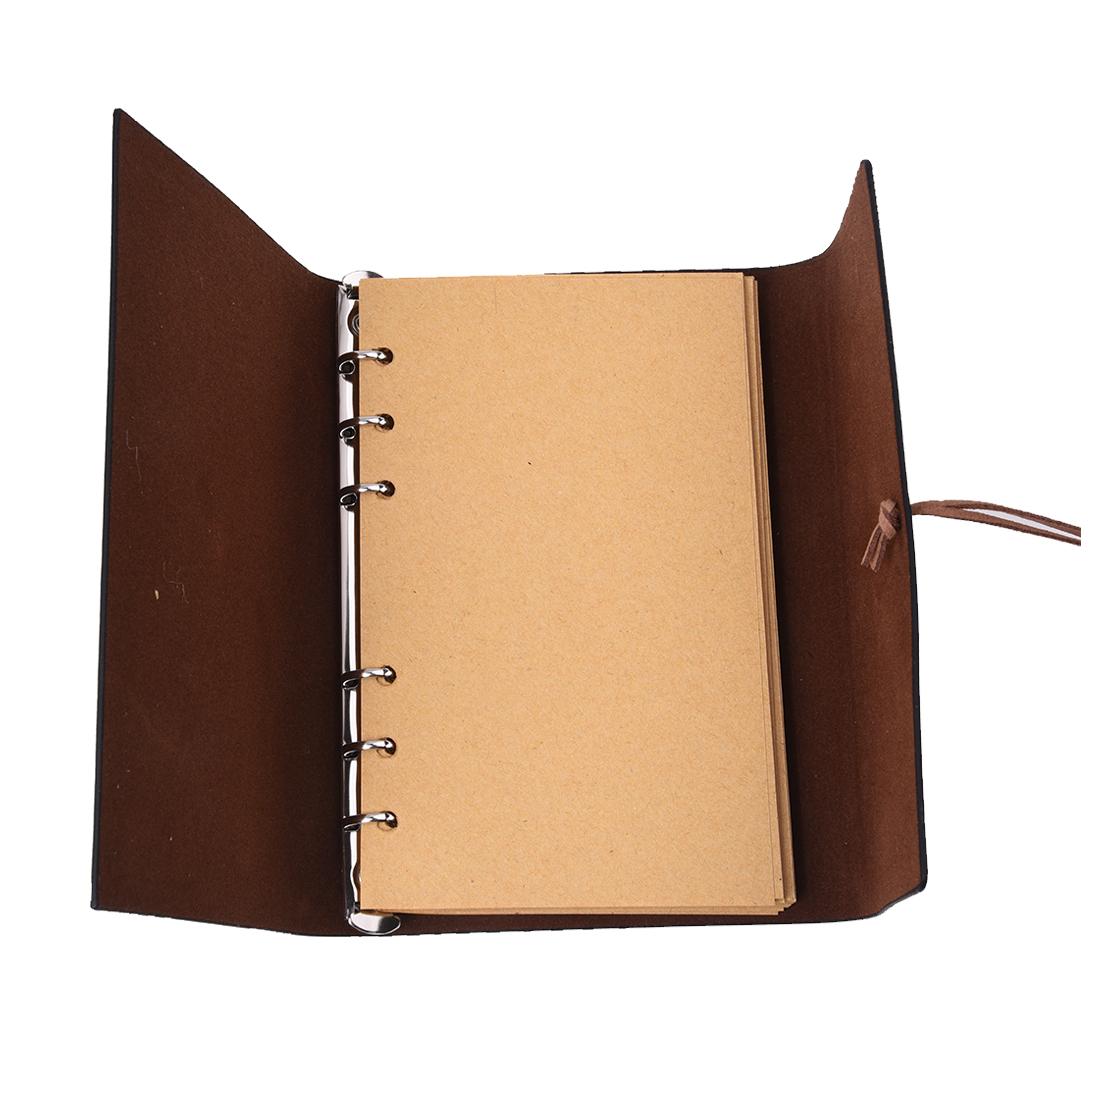 sélectionner pour officiel de style élégant Achat/Vente Détails sur Carnet avec Personnalite Retro cahier intime reliure a anneaux  Noir L V5Q5